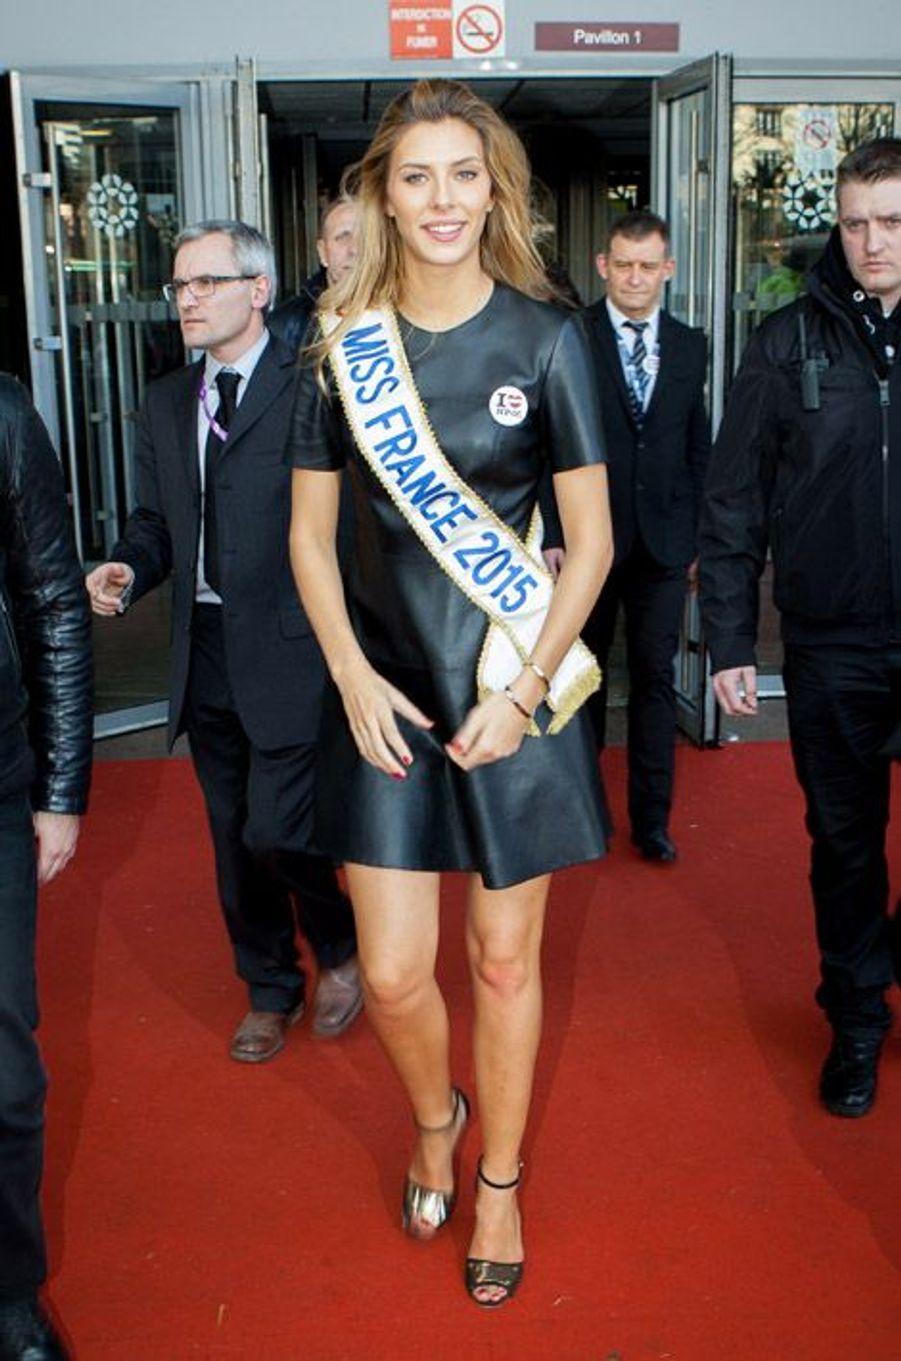 Camille Cerf, Miss France 2015 en visite au Salon de l'Agriculture à Paris, le 24 février 2015